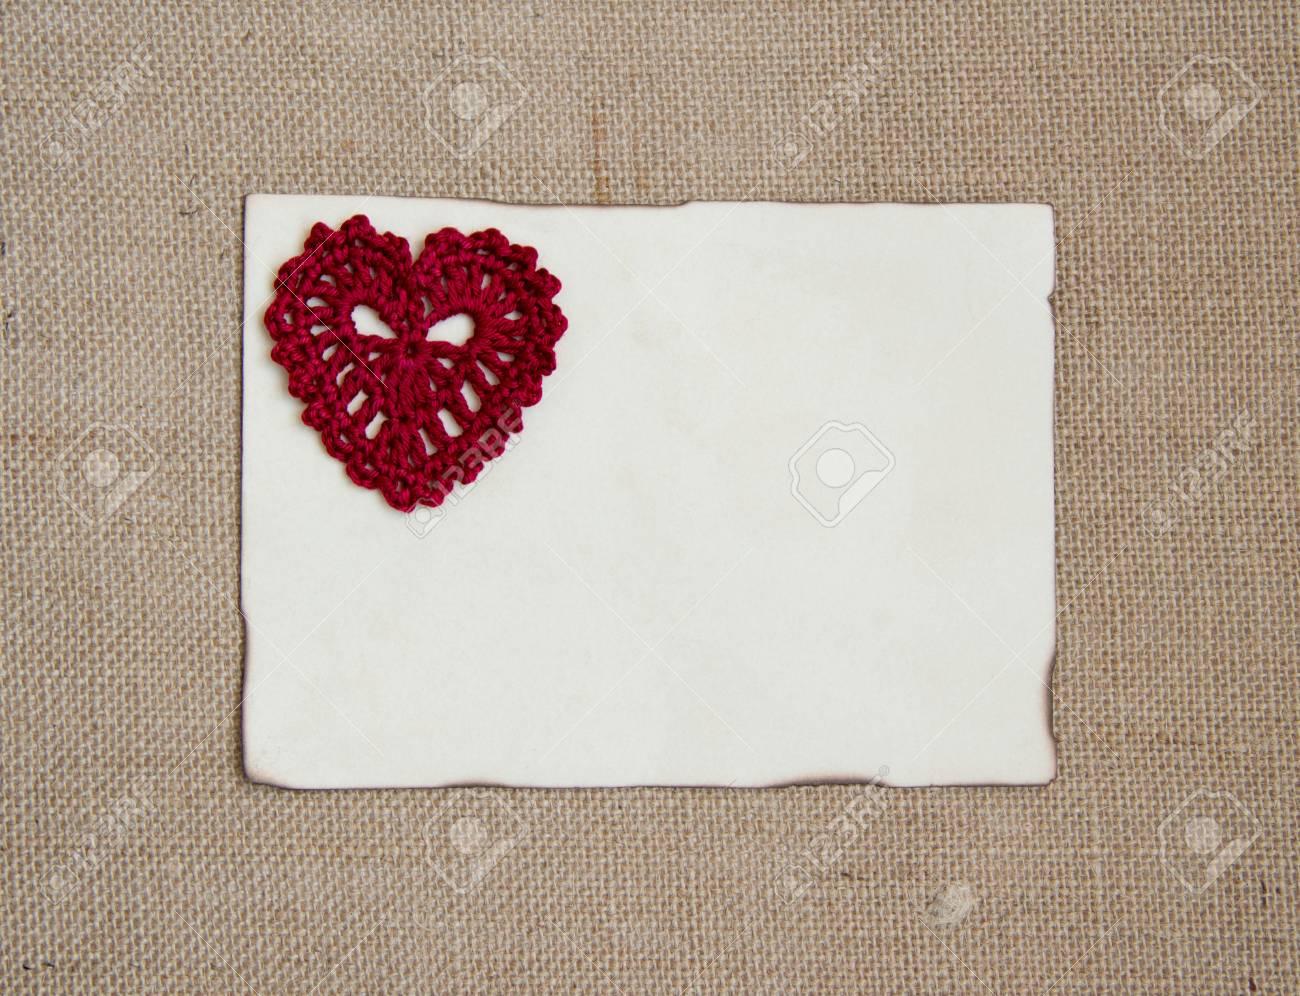 Valentine-Karte Mit Herz Häkeln Lizenzfreie Fotos, Bilder Und Stock ...